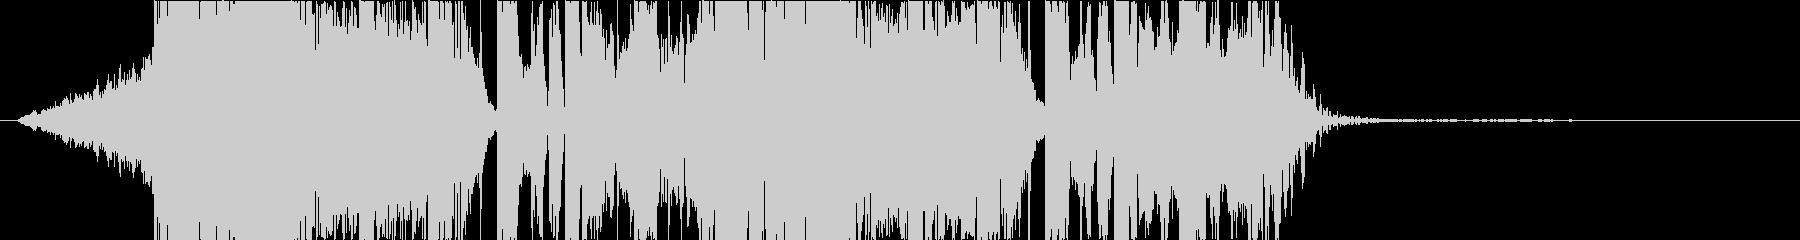 DUBSTEP かっこいい ジングル25の未再生の波形